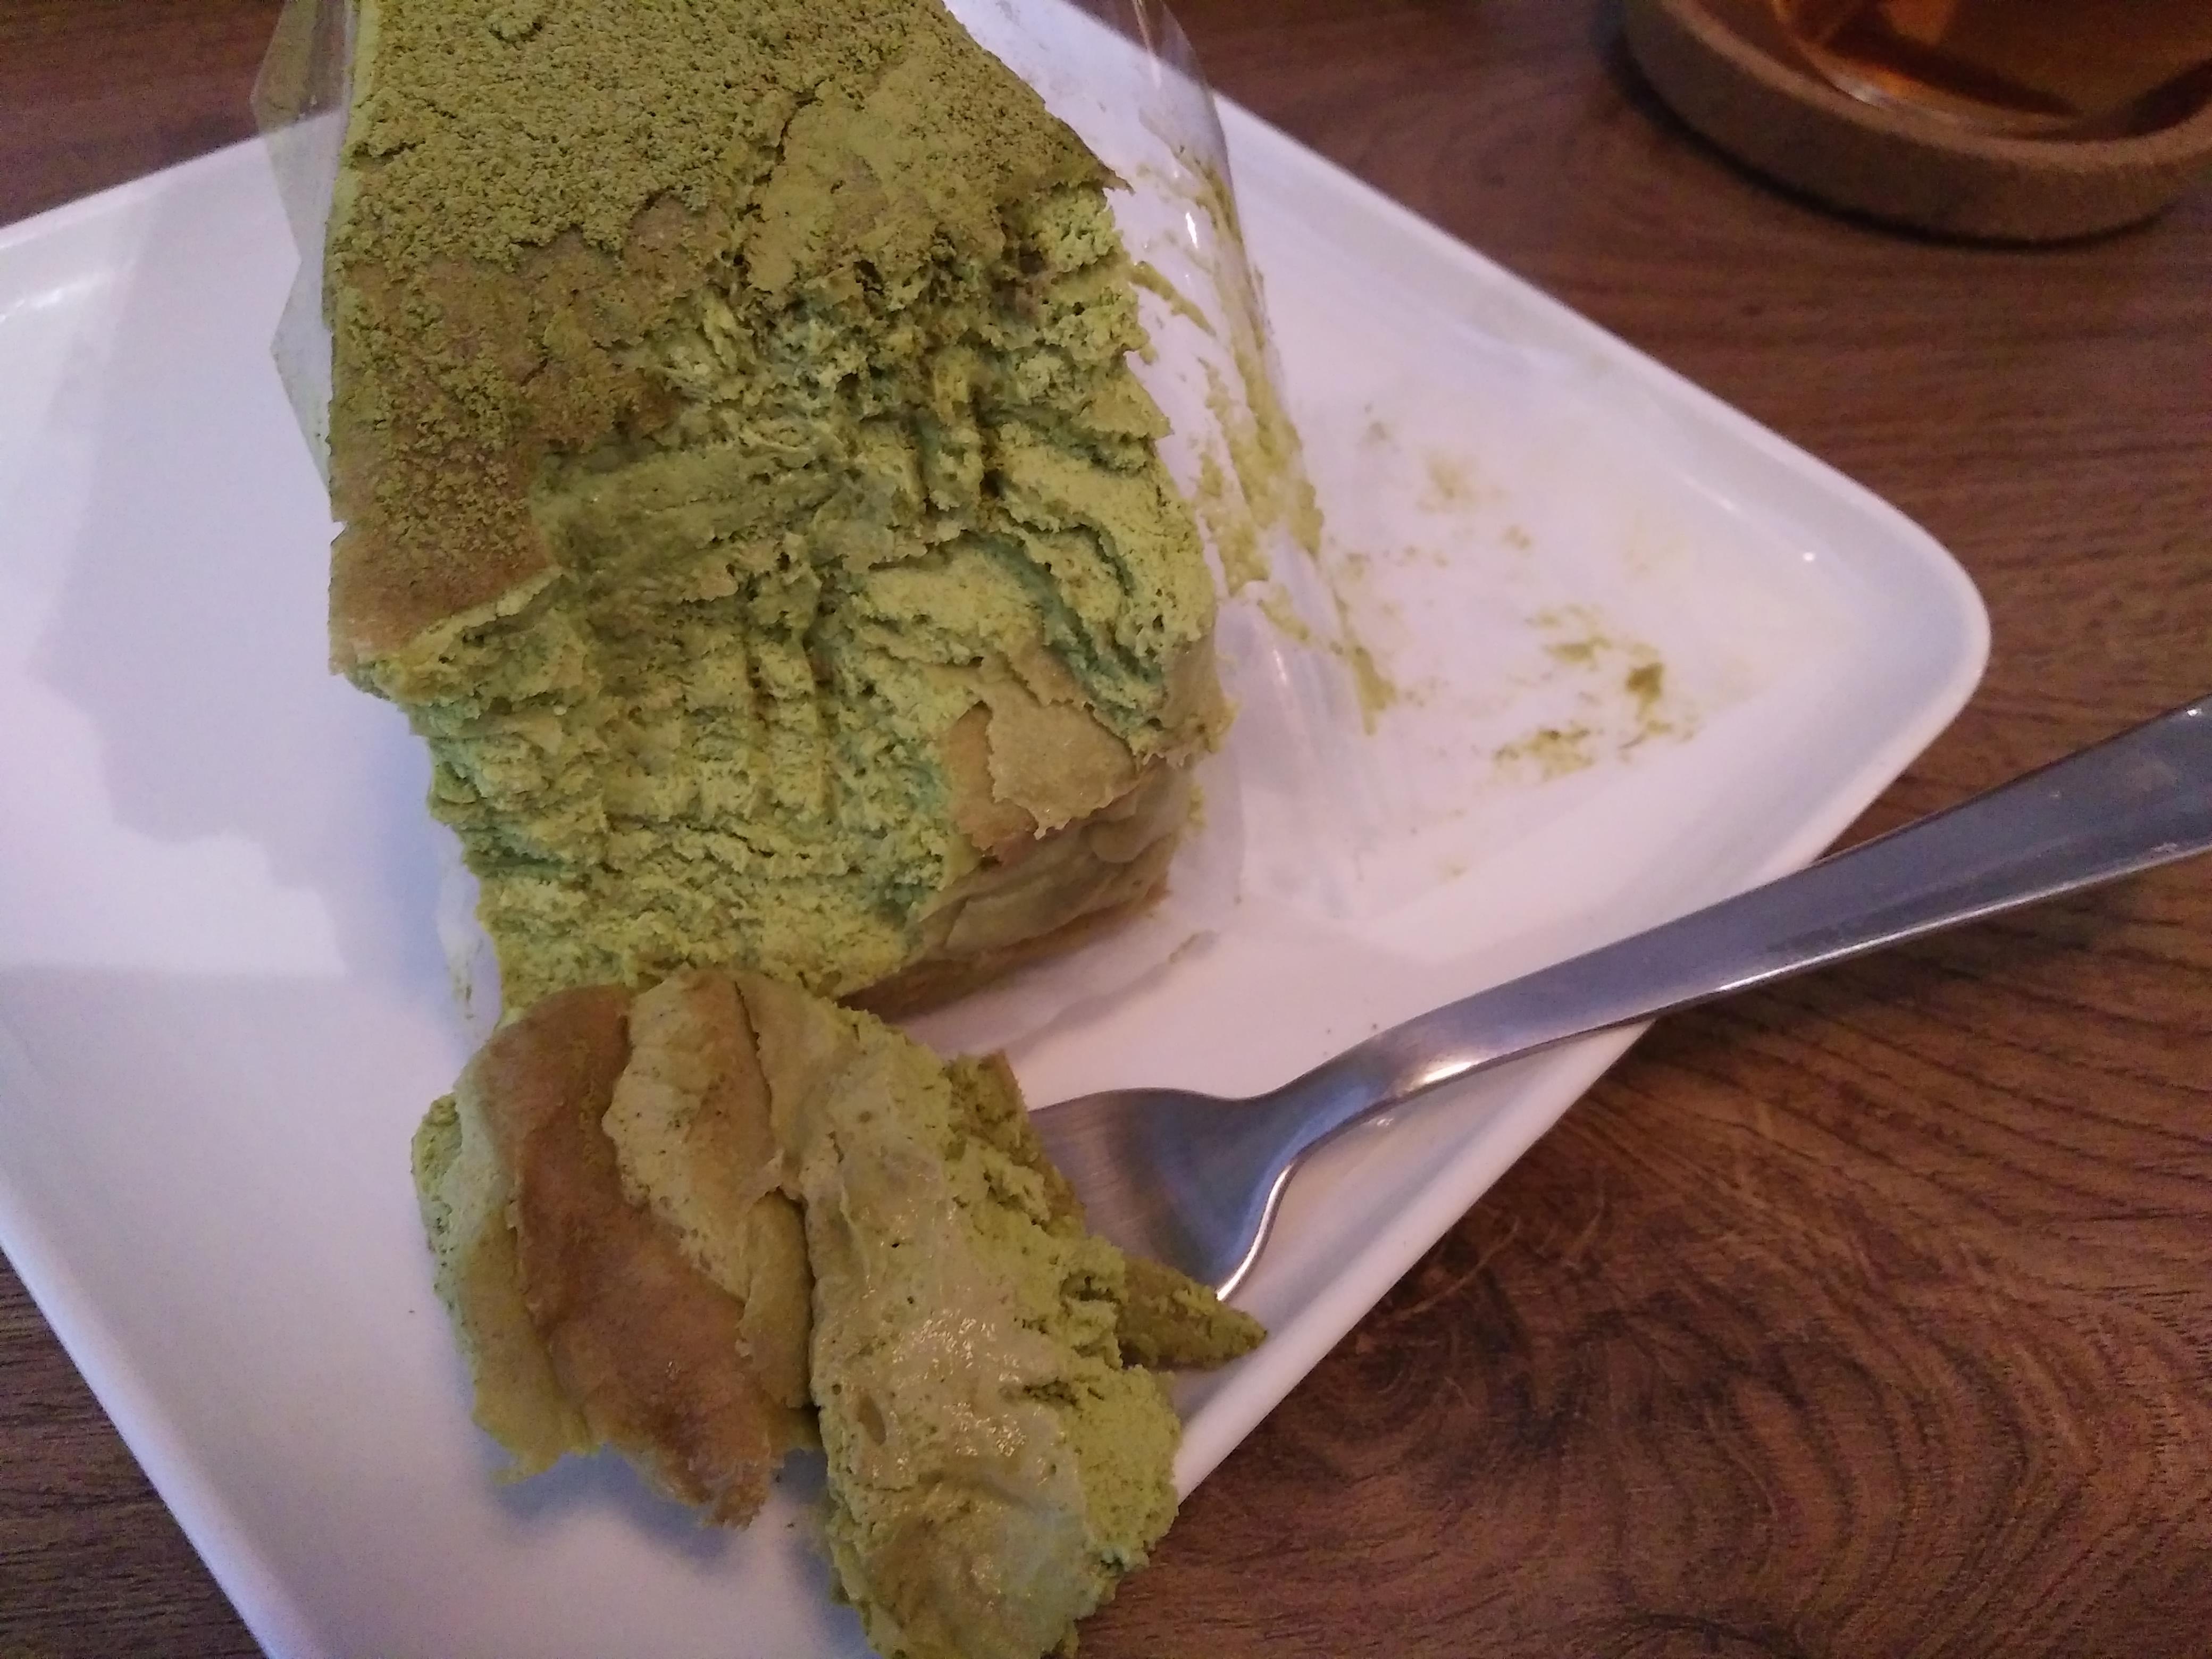 台北市南港昆陽站咖啡店 BOCY Patisserie & Bistro 寶希甜點好食光 治宇抹茶千層蛋糕